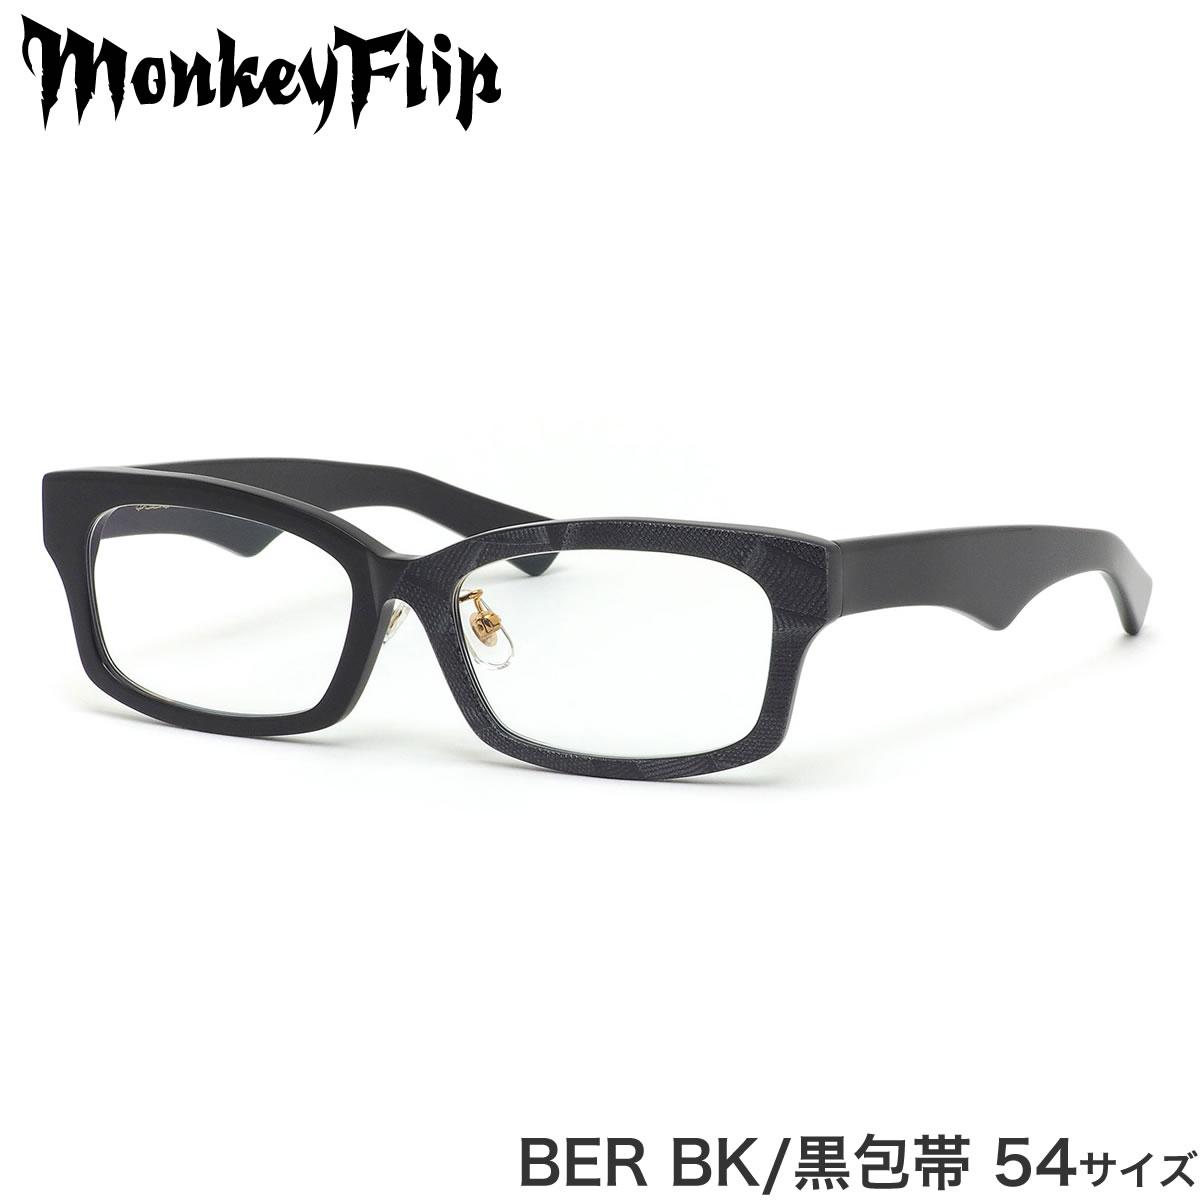 モンキーフリップ Monkey Flip メガネ BER BK/黒包帯 54サイズ ギブミーギミック 妖怪 カッコイイ 個性的 モンキーフリップMonkeyFlip メンズ レディース